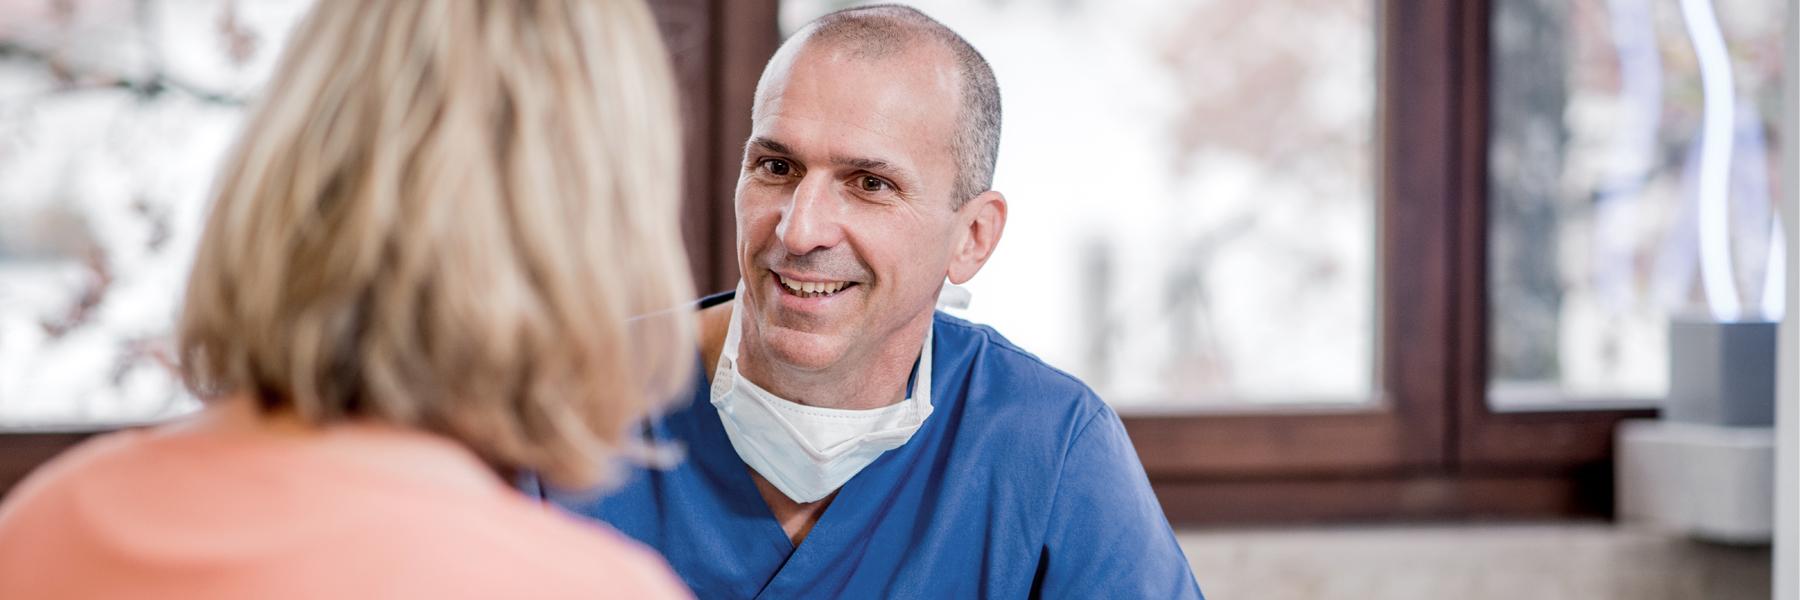 Dr. Frank Häfner – Ihr ganz persönlicher Zahnarzt